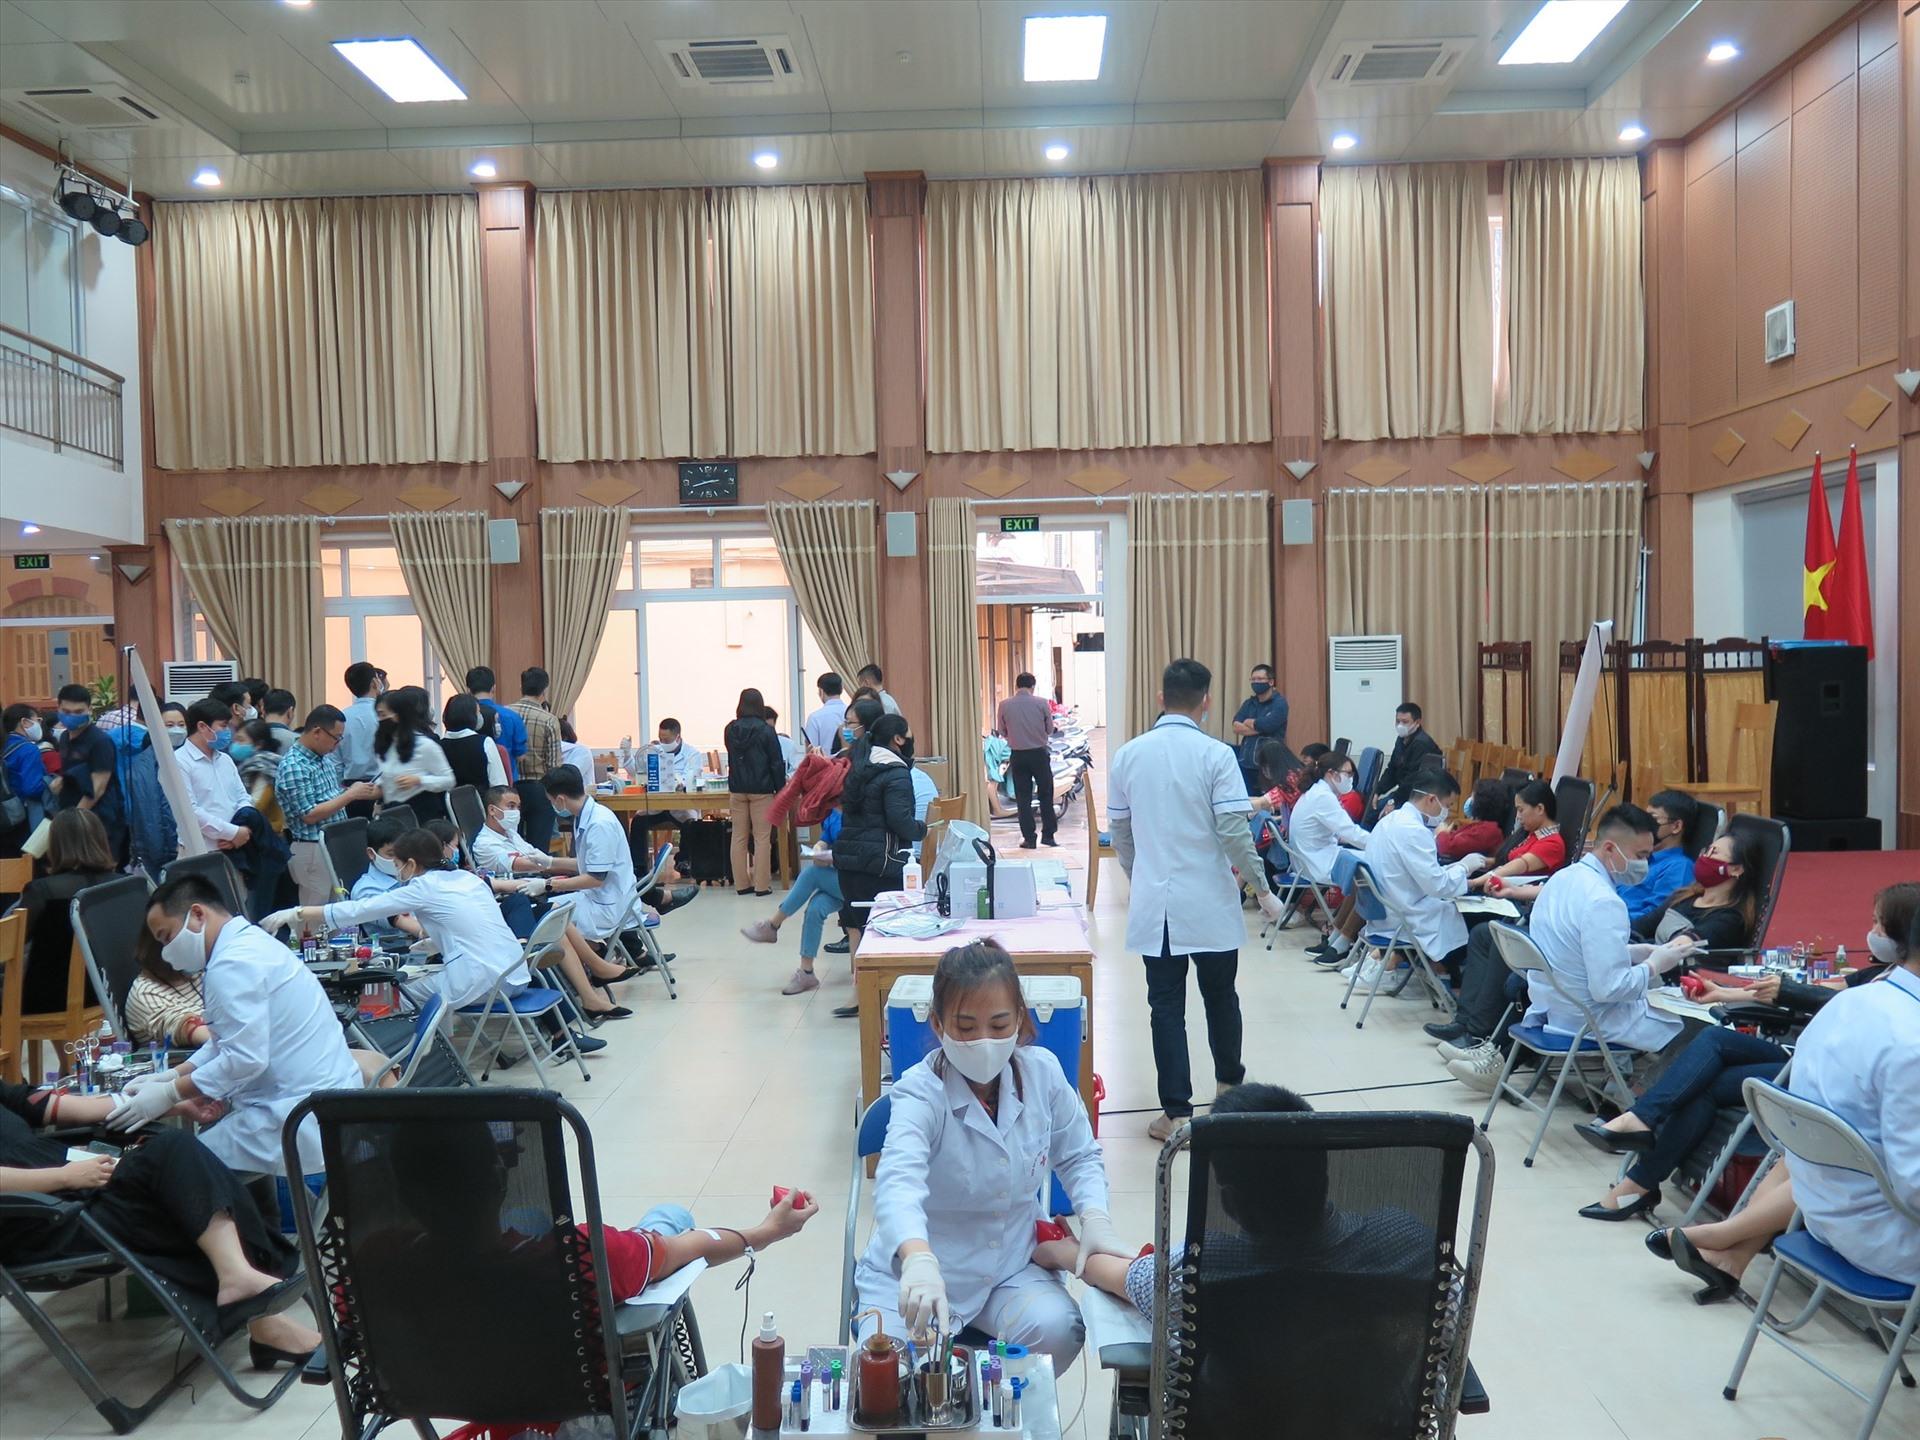 Rất đông đoàn viên tham gia hiến máu tình nguyện. Ảnh: B.H